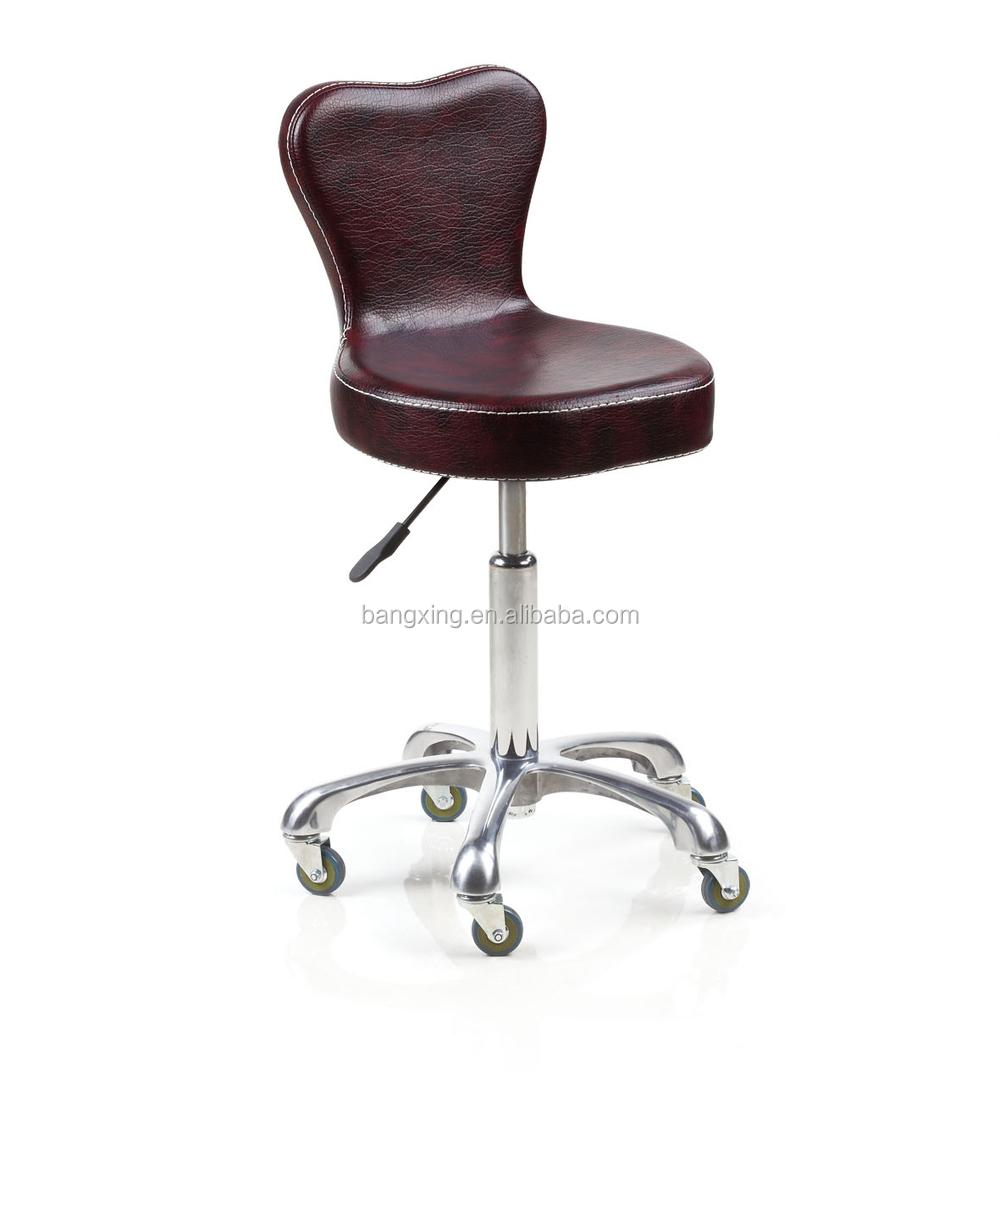 Wholesale beauty salon styling chairs salon furniture for Salon styling chairs wholesale